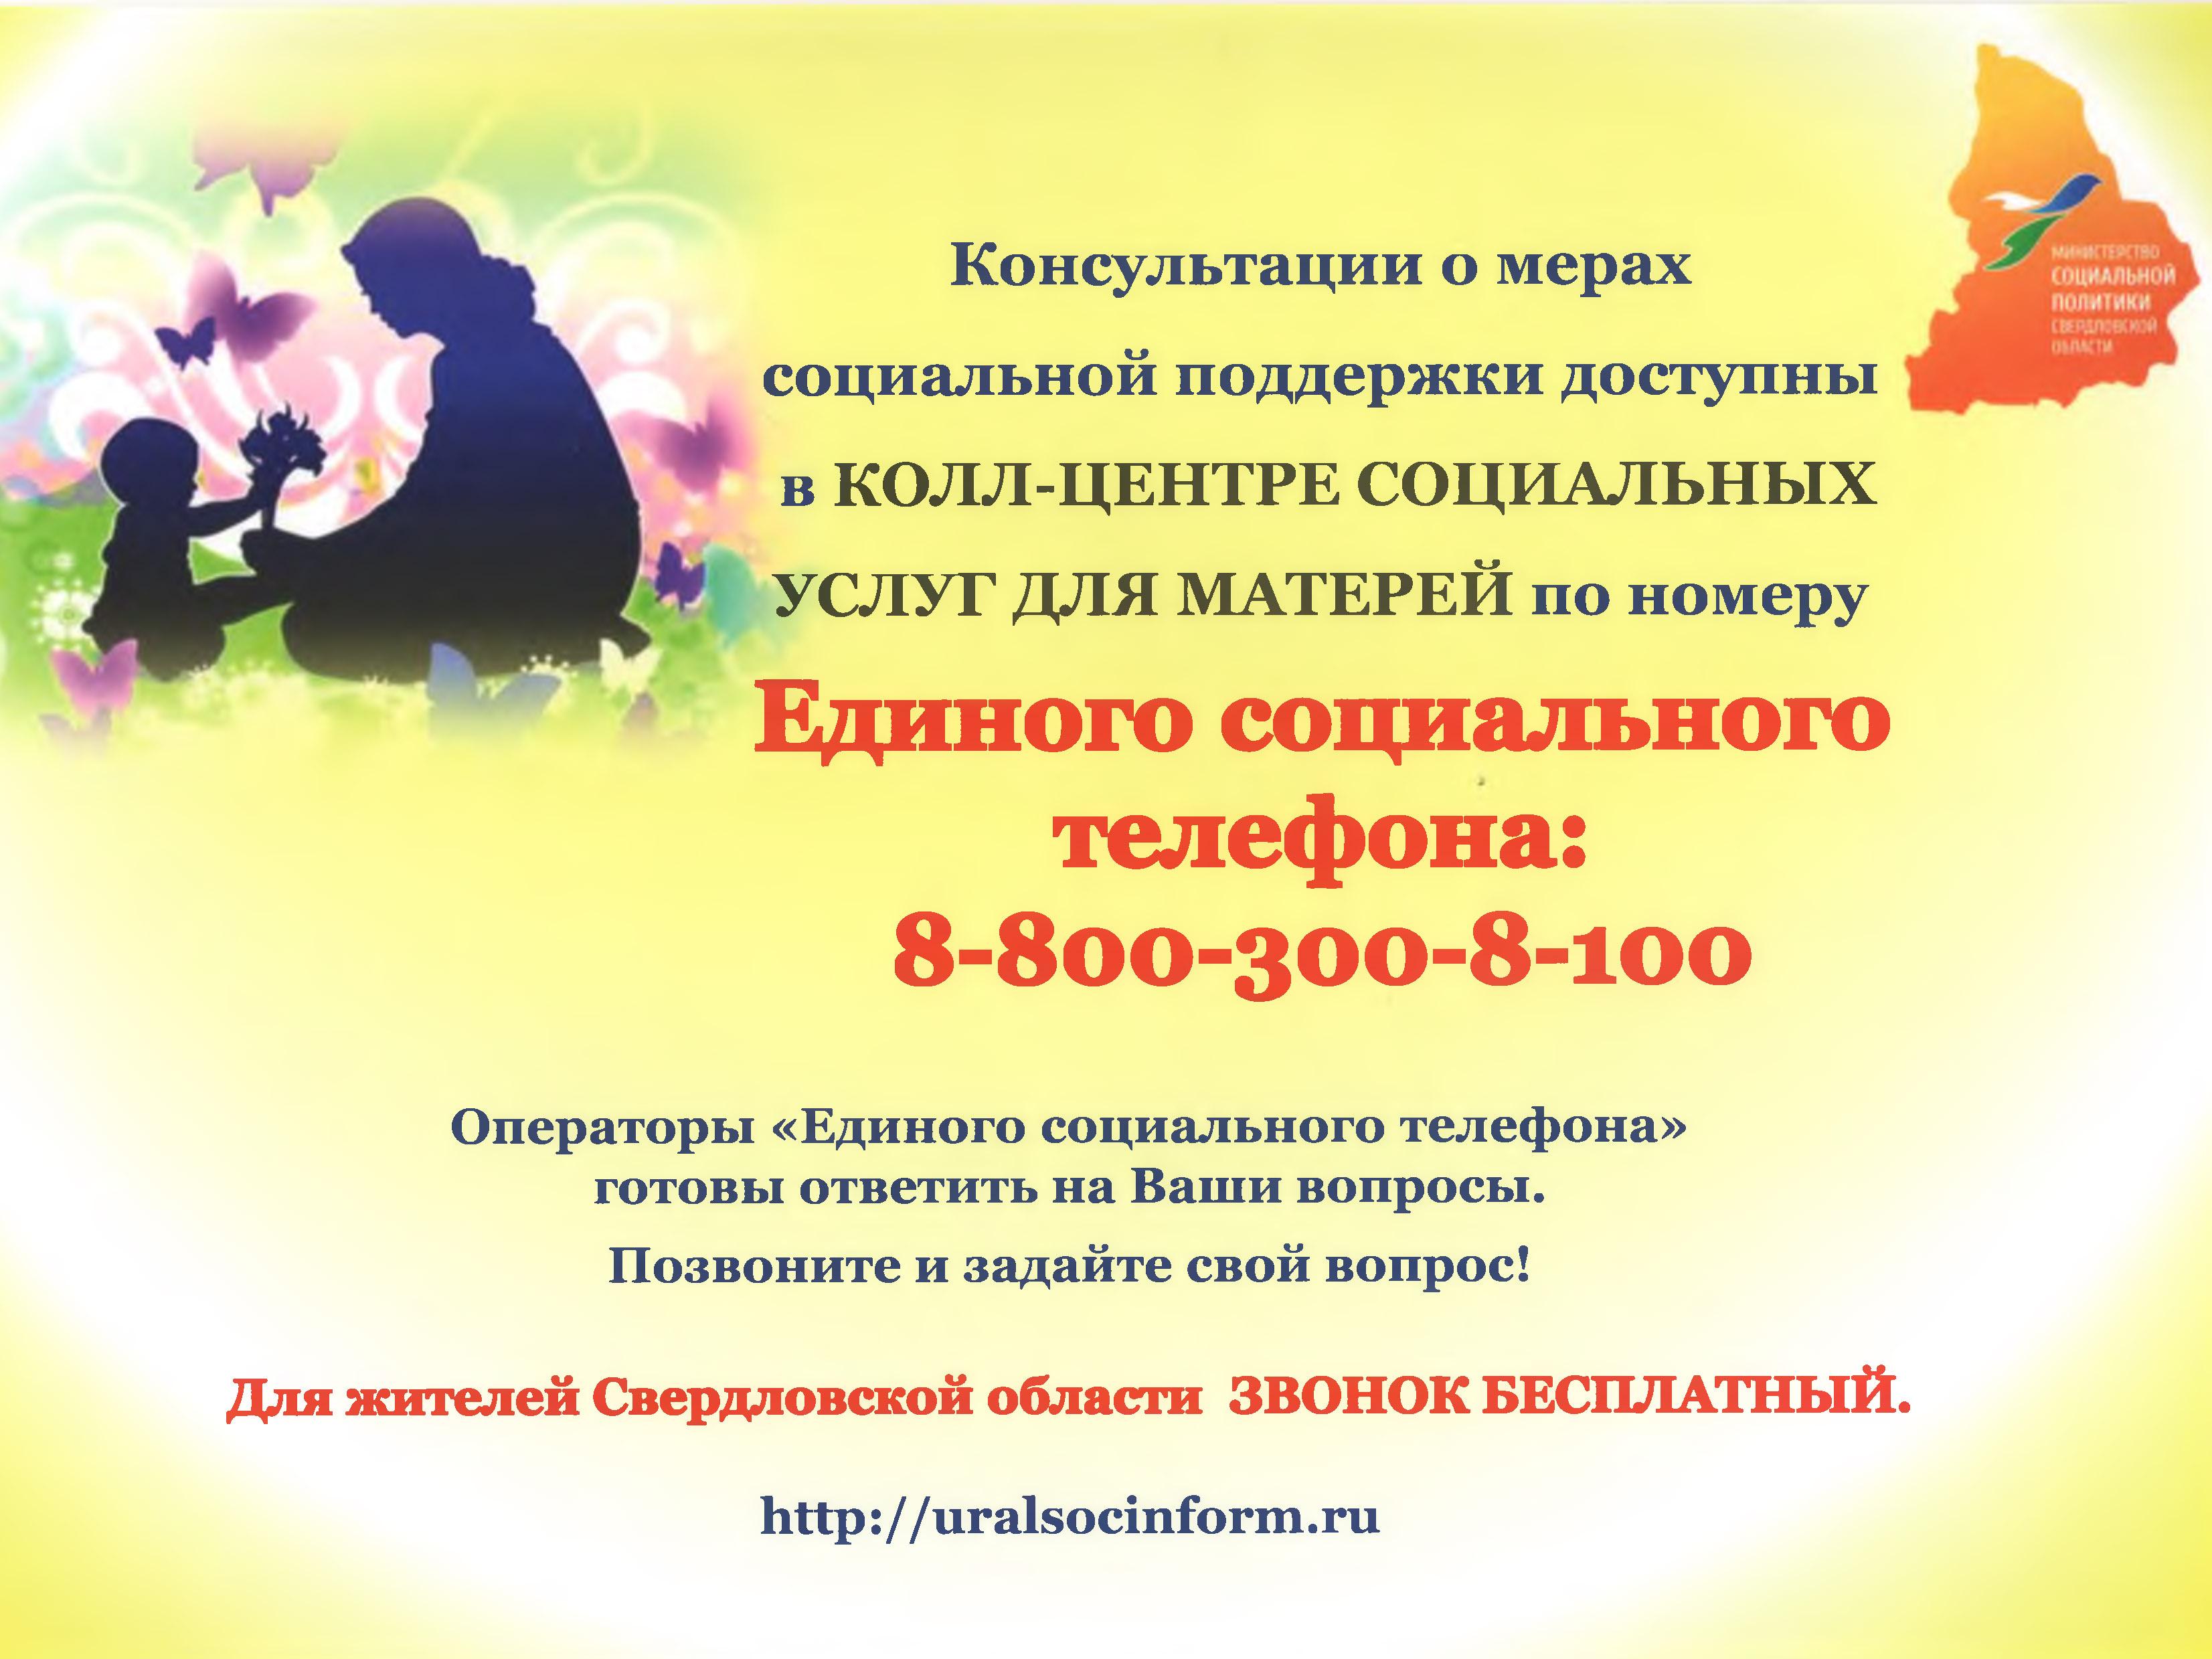 Социальные услуги для матерей